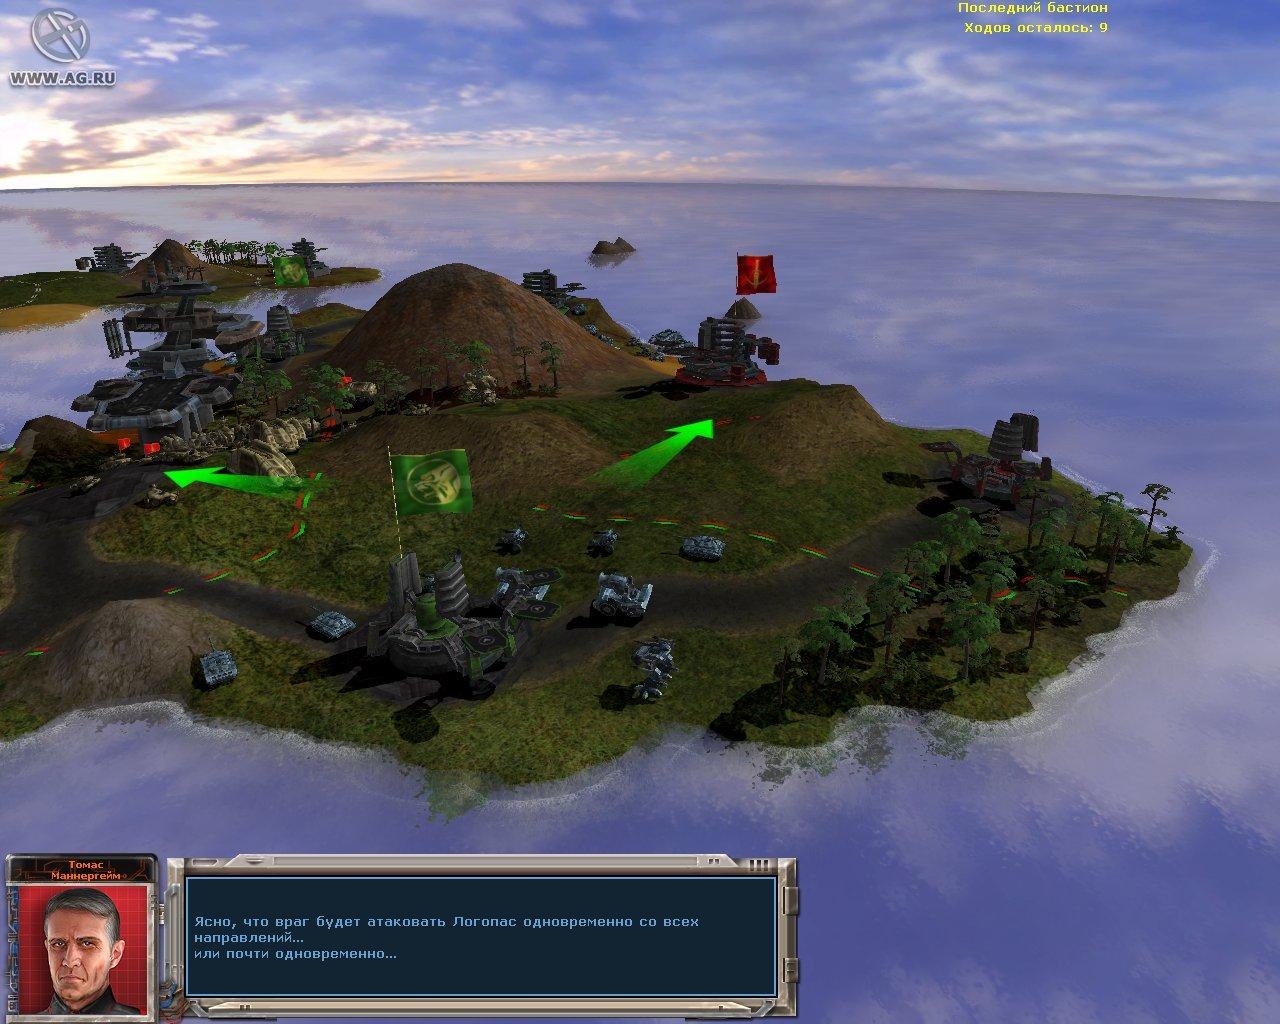 Текущий показываемый скриншот из игры strong em Domination/em/strong